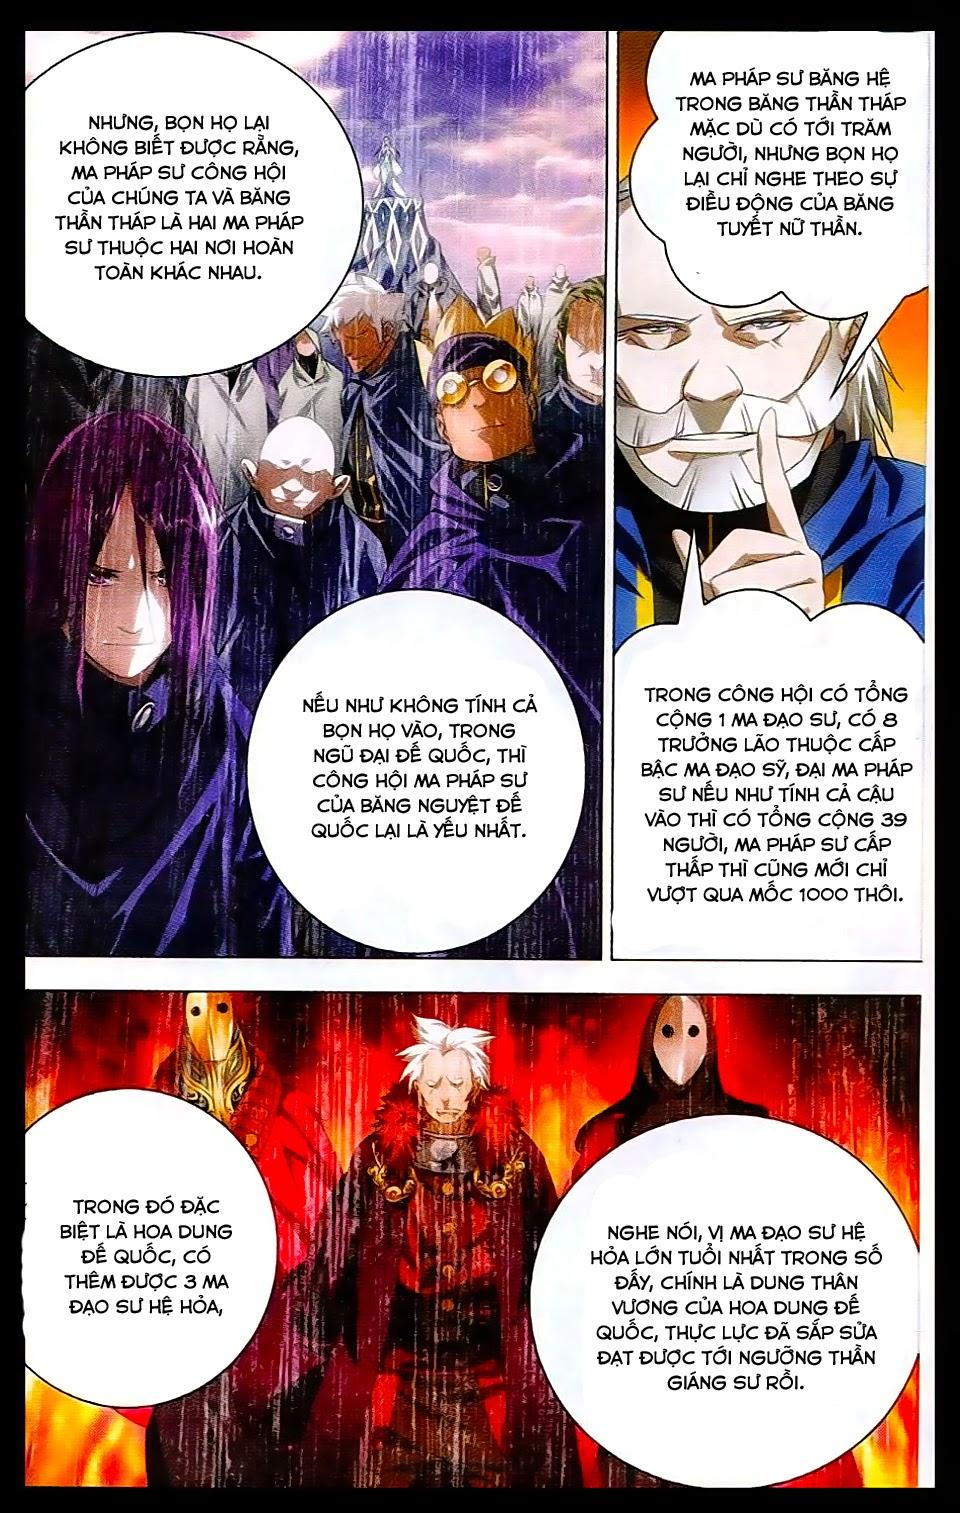 Băng hỏa ma trù trang 6